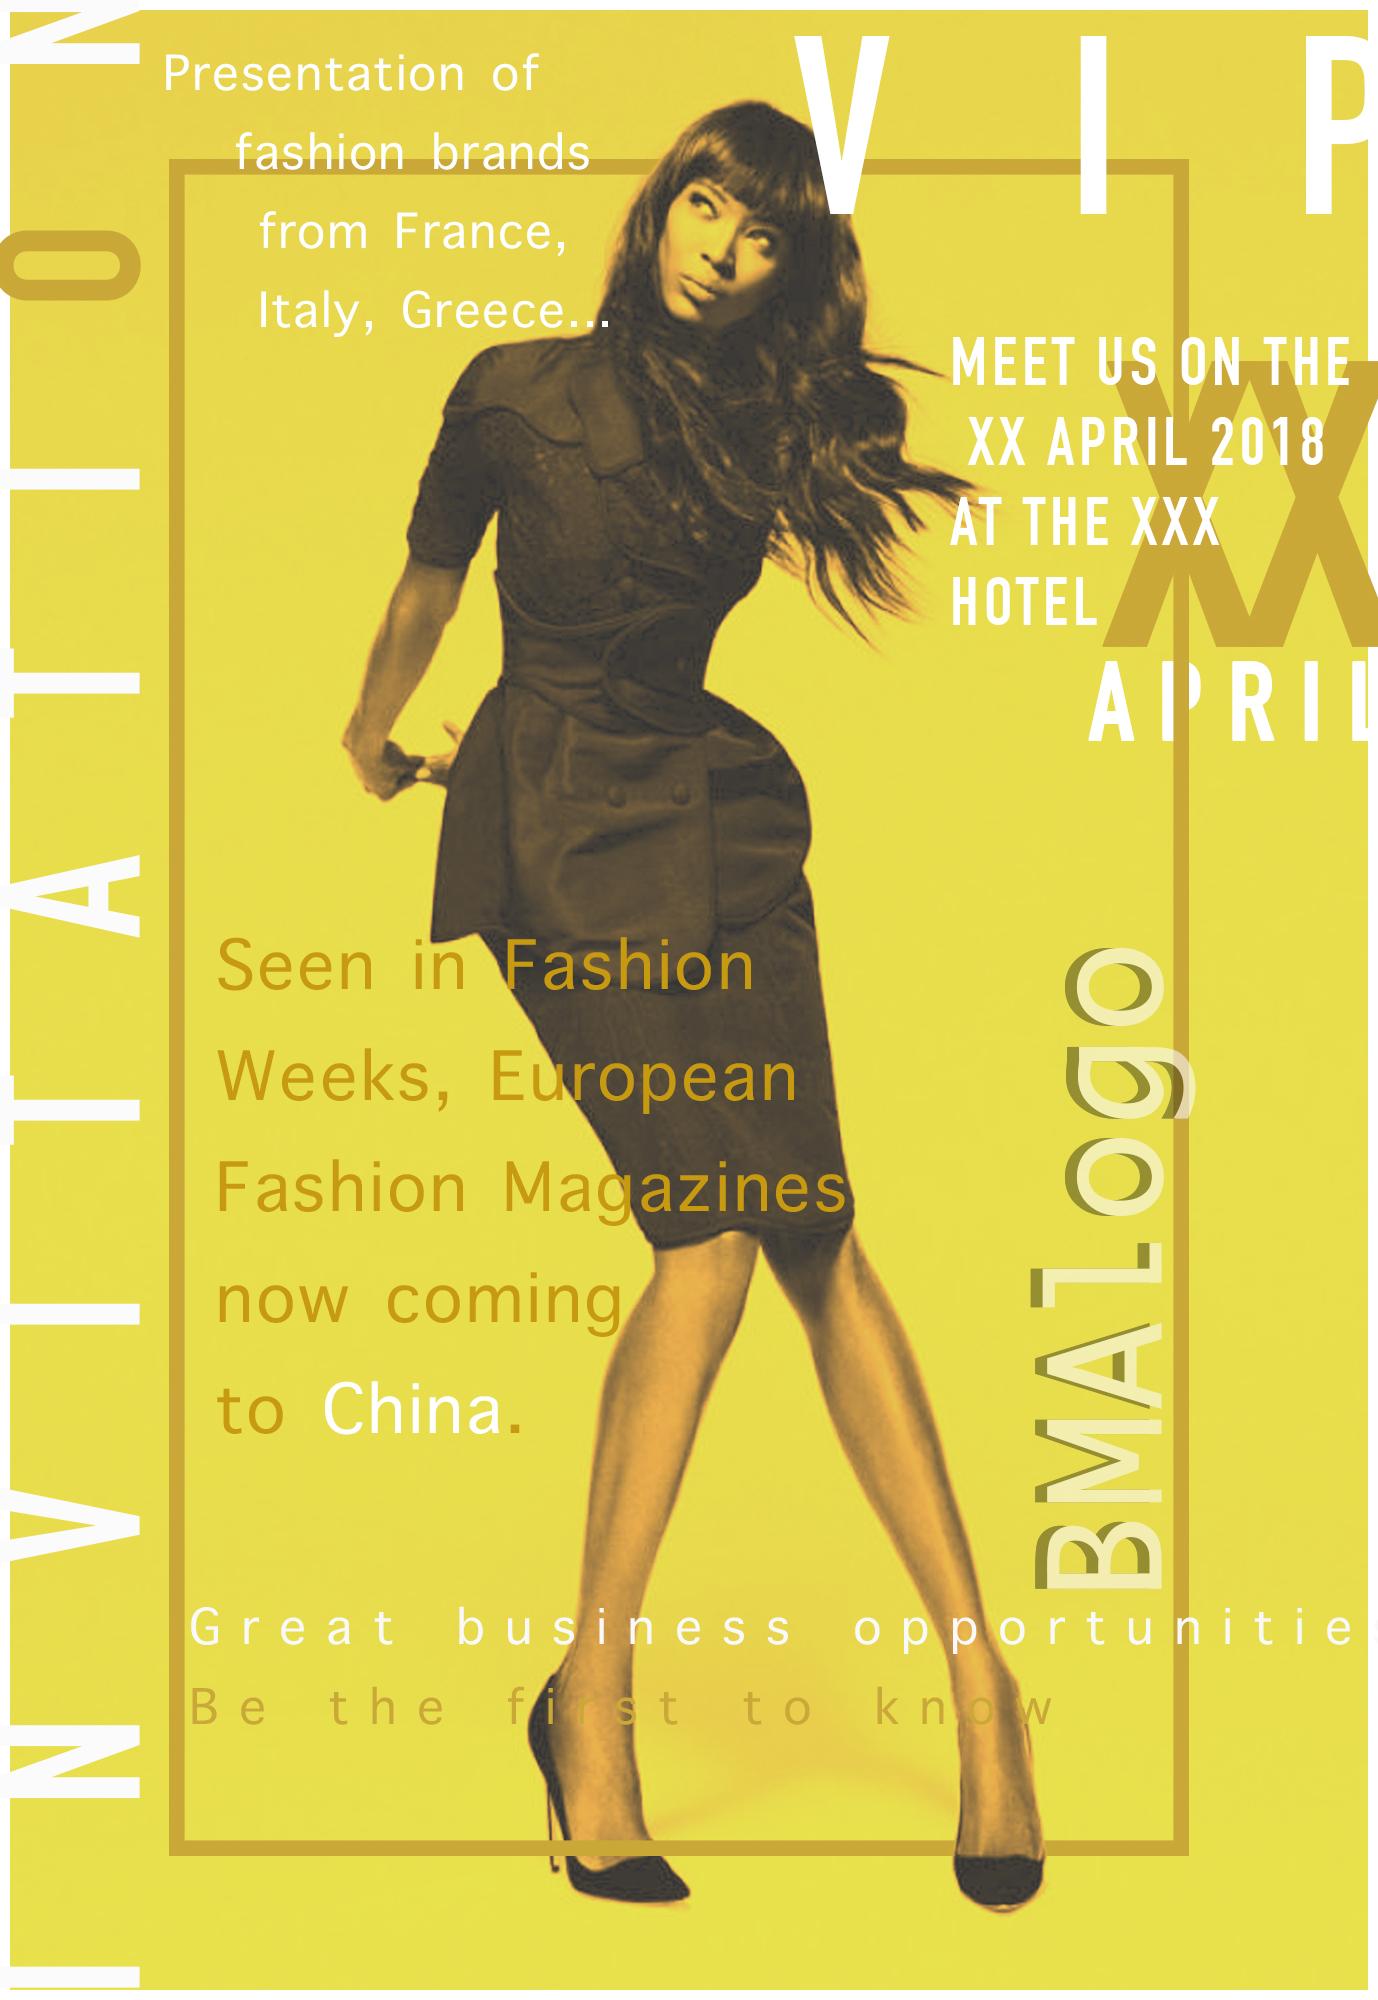 Флаер для модного мероприятия фото f_7965a69eddd34691.jpg